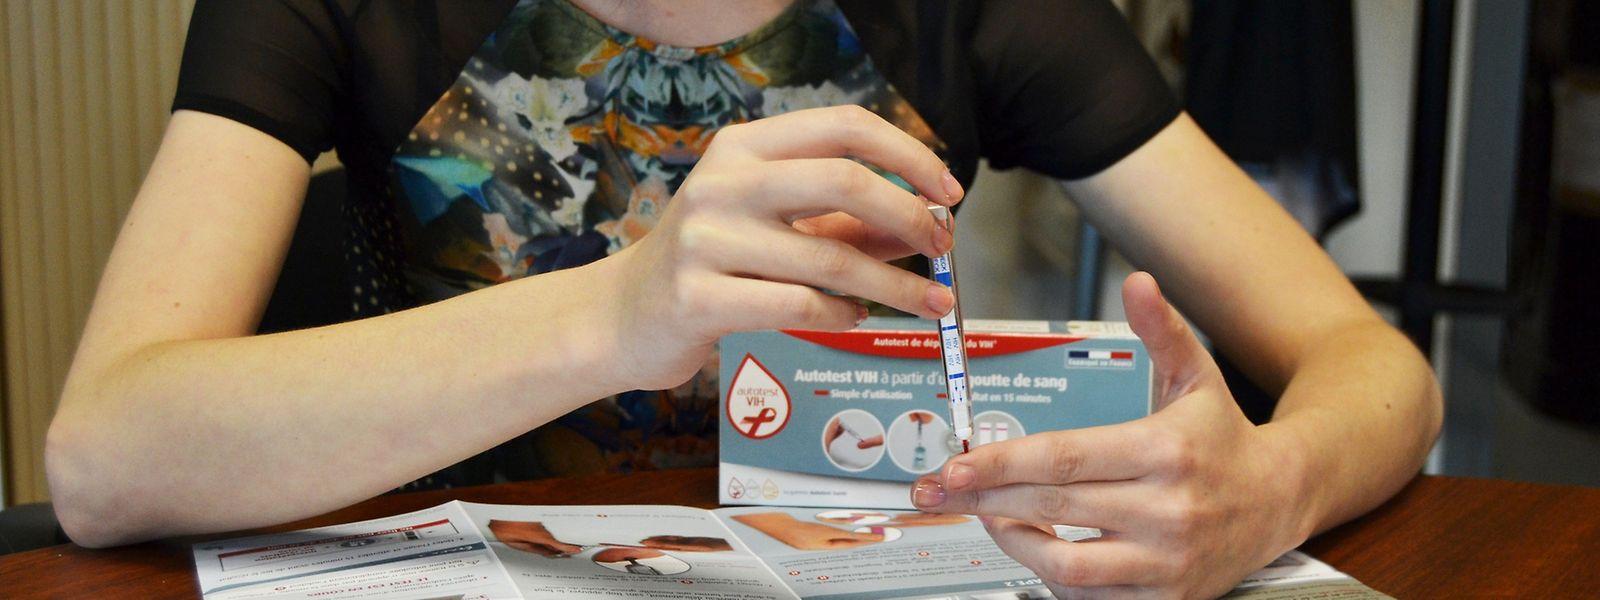 Le premier autotest de dépistage du virus du Sida est fabriqué en France.